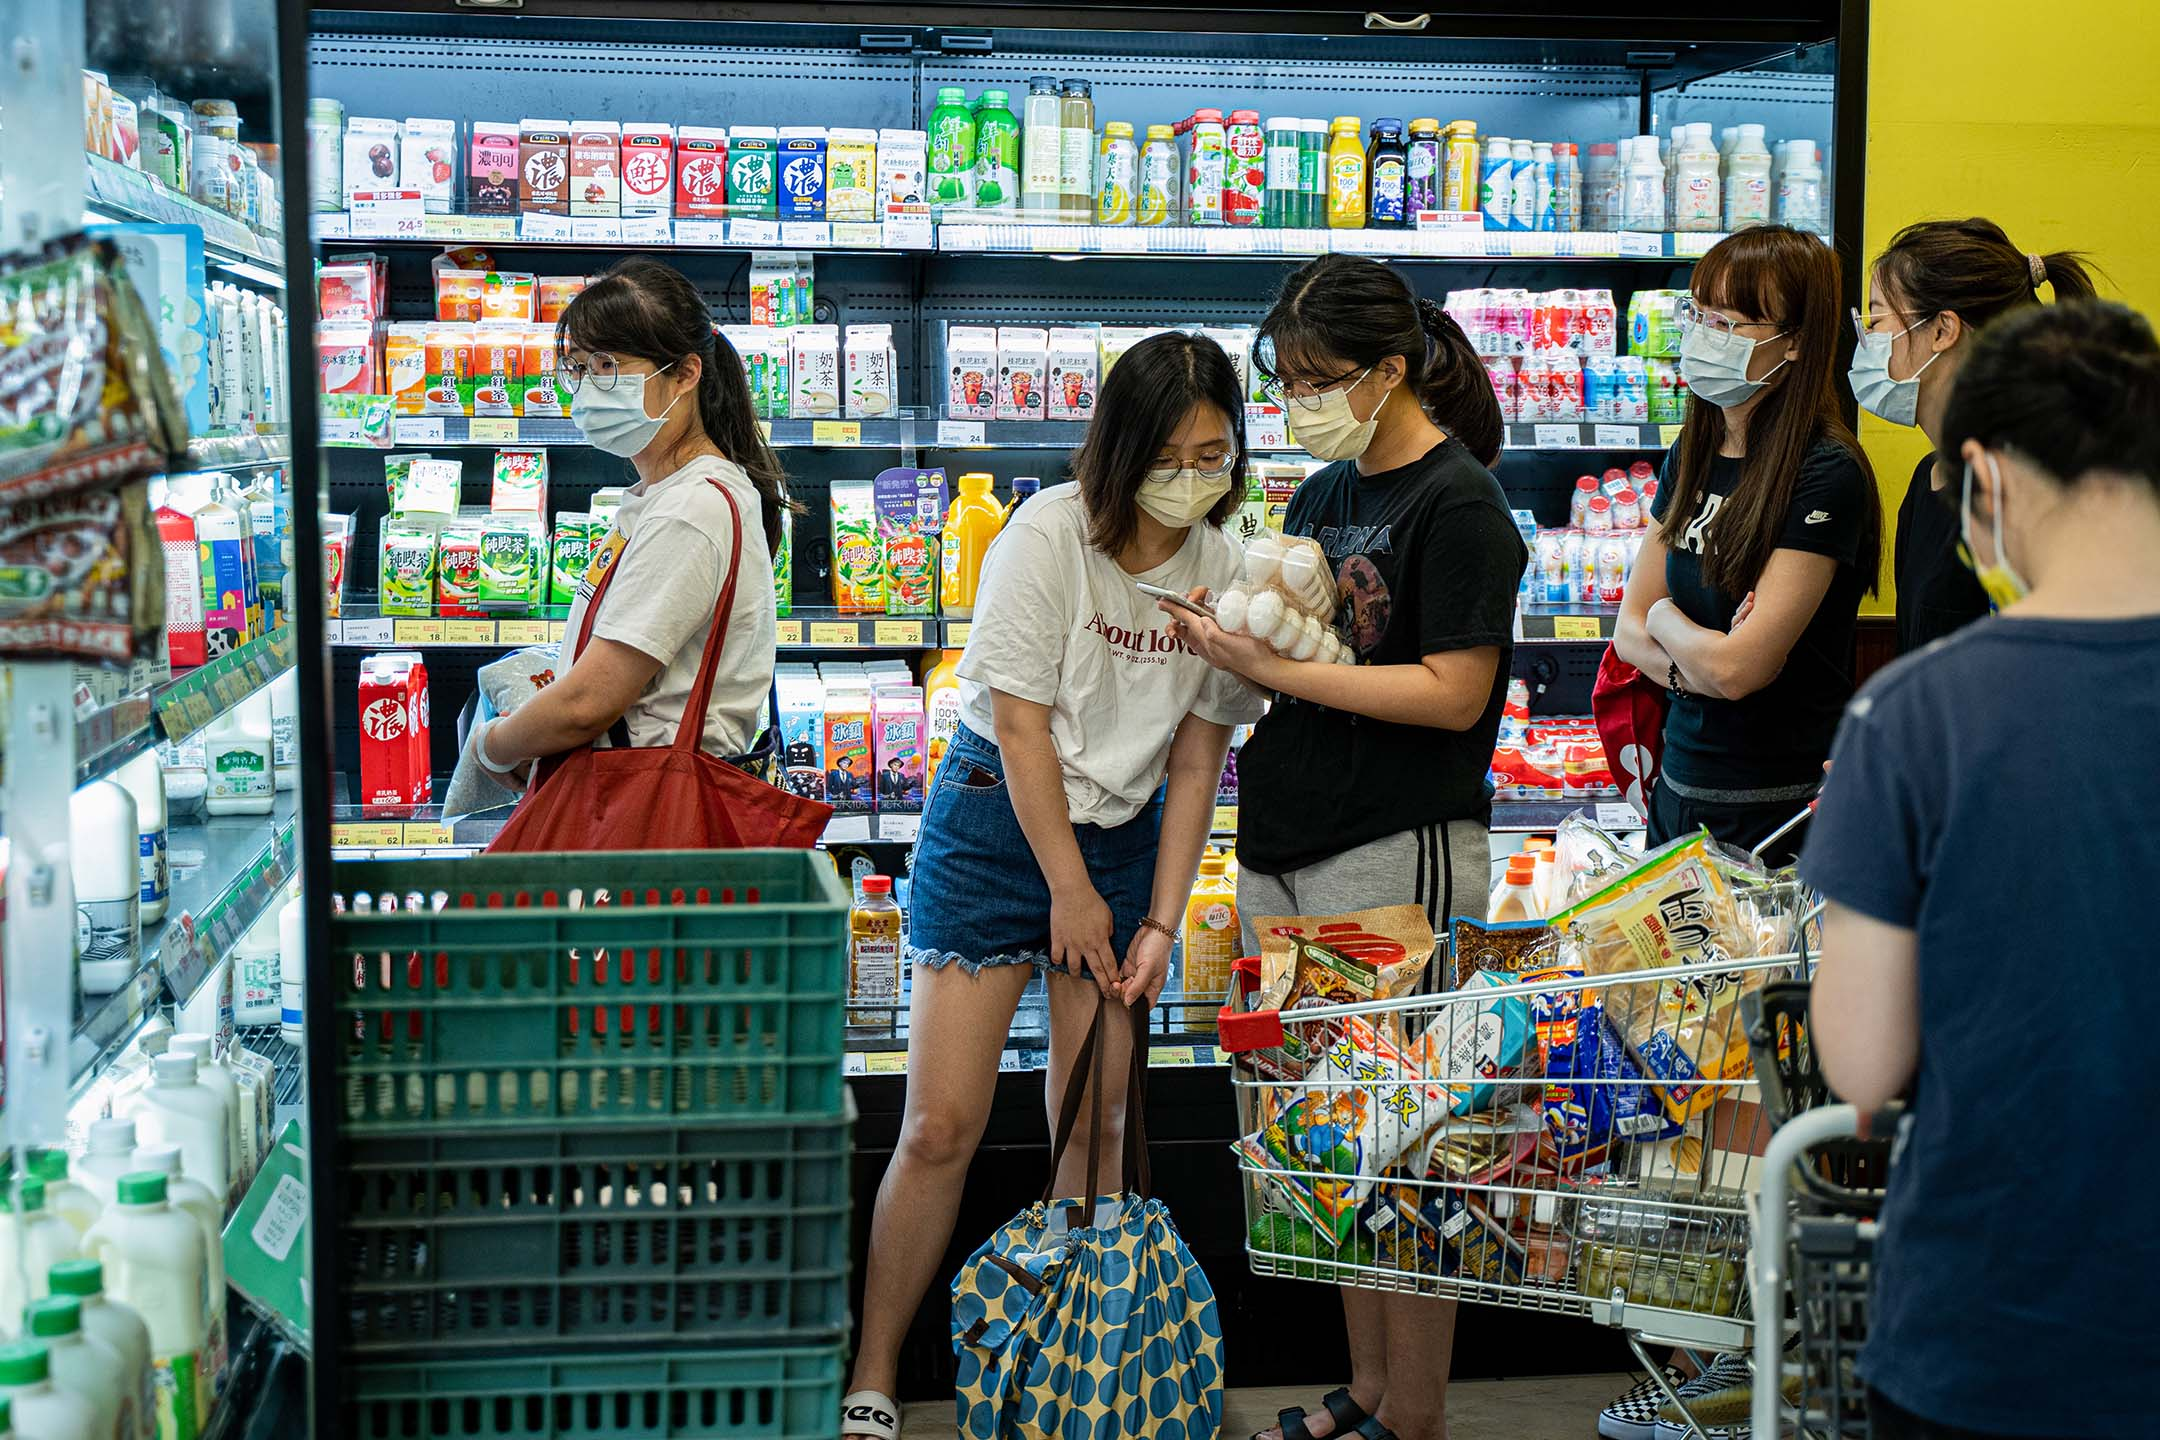 2021年5月15日台北,疫情期間市民在超市搶購食物。